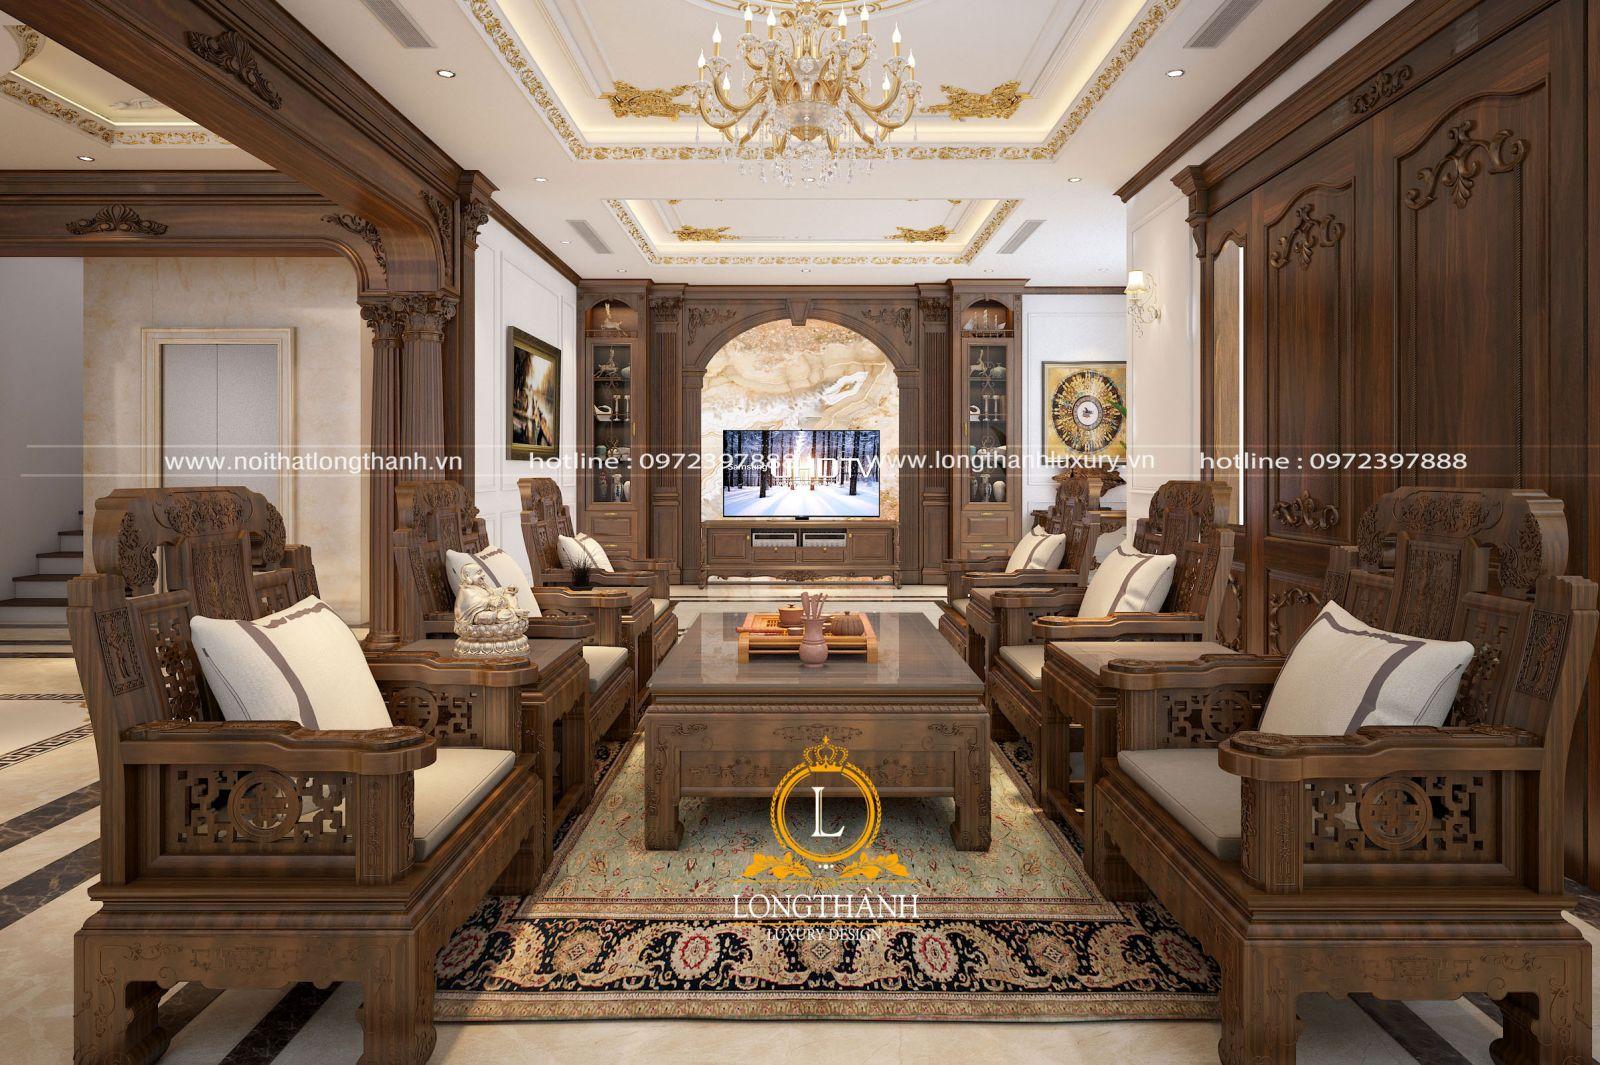 Những bức tranh và đèn trùm cho phòng khách đậm chất tân cổ điển